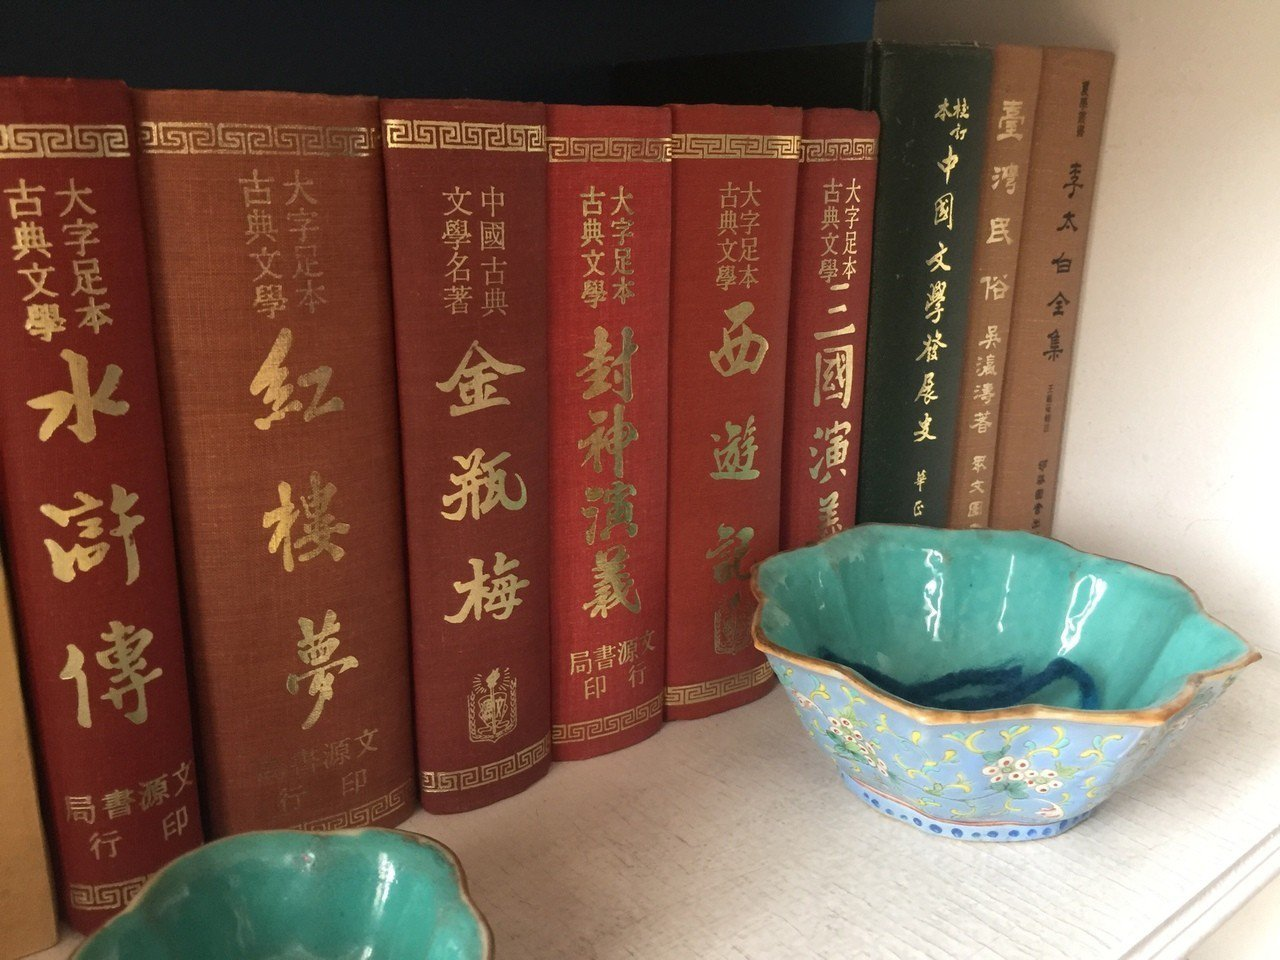 安博蘭書架上擺放不少中文經典文學名著。有行旅提供